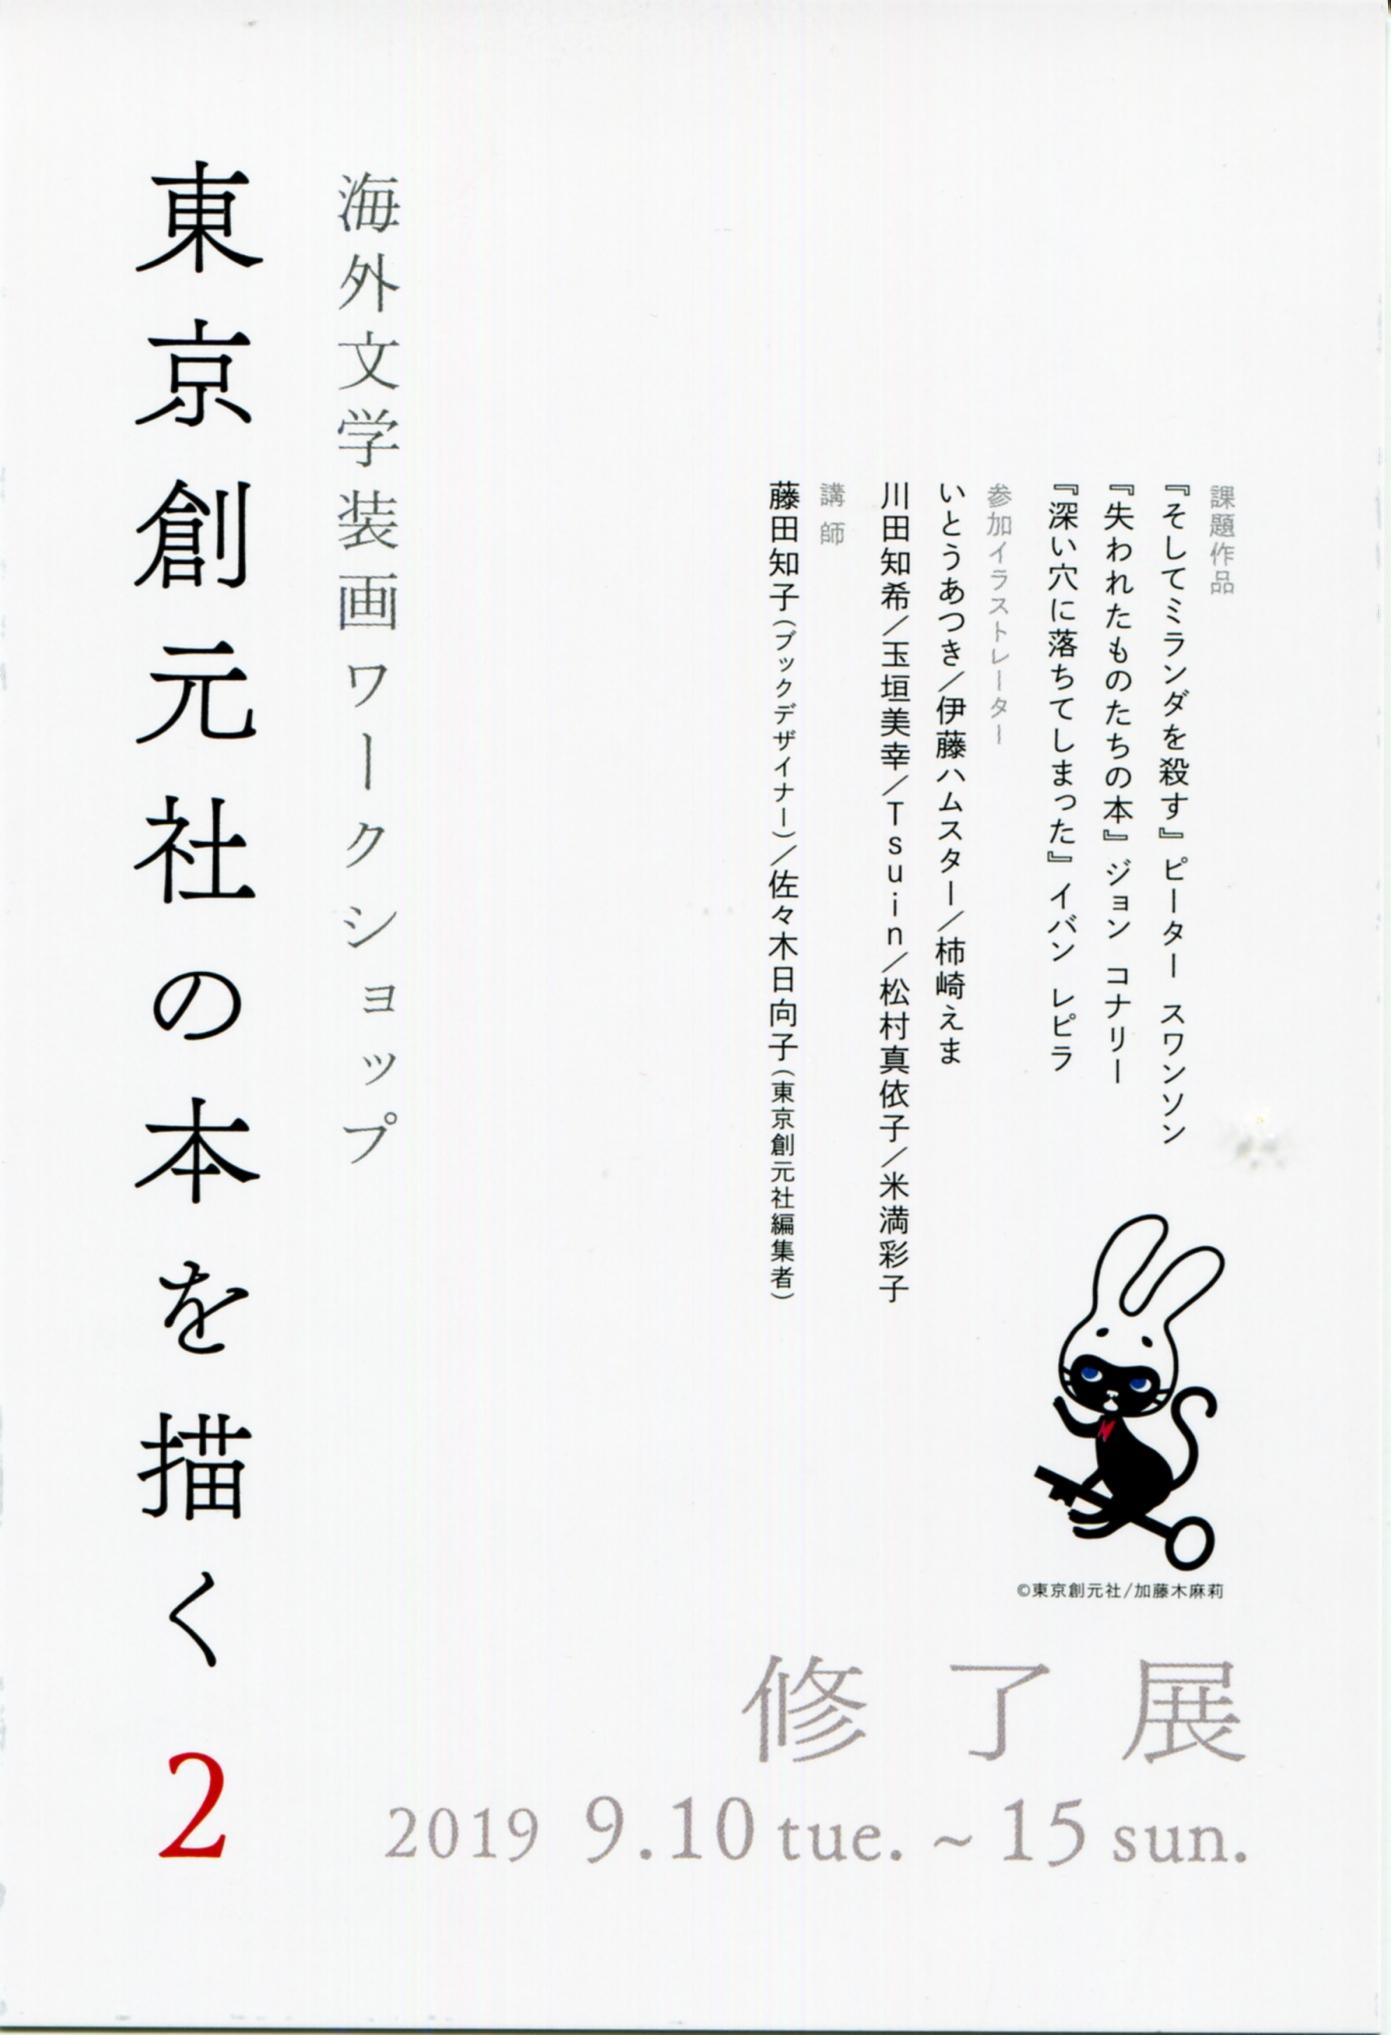 海外文学装画ワークショップ -東京創元社の本を描く- vol.2